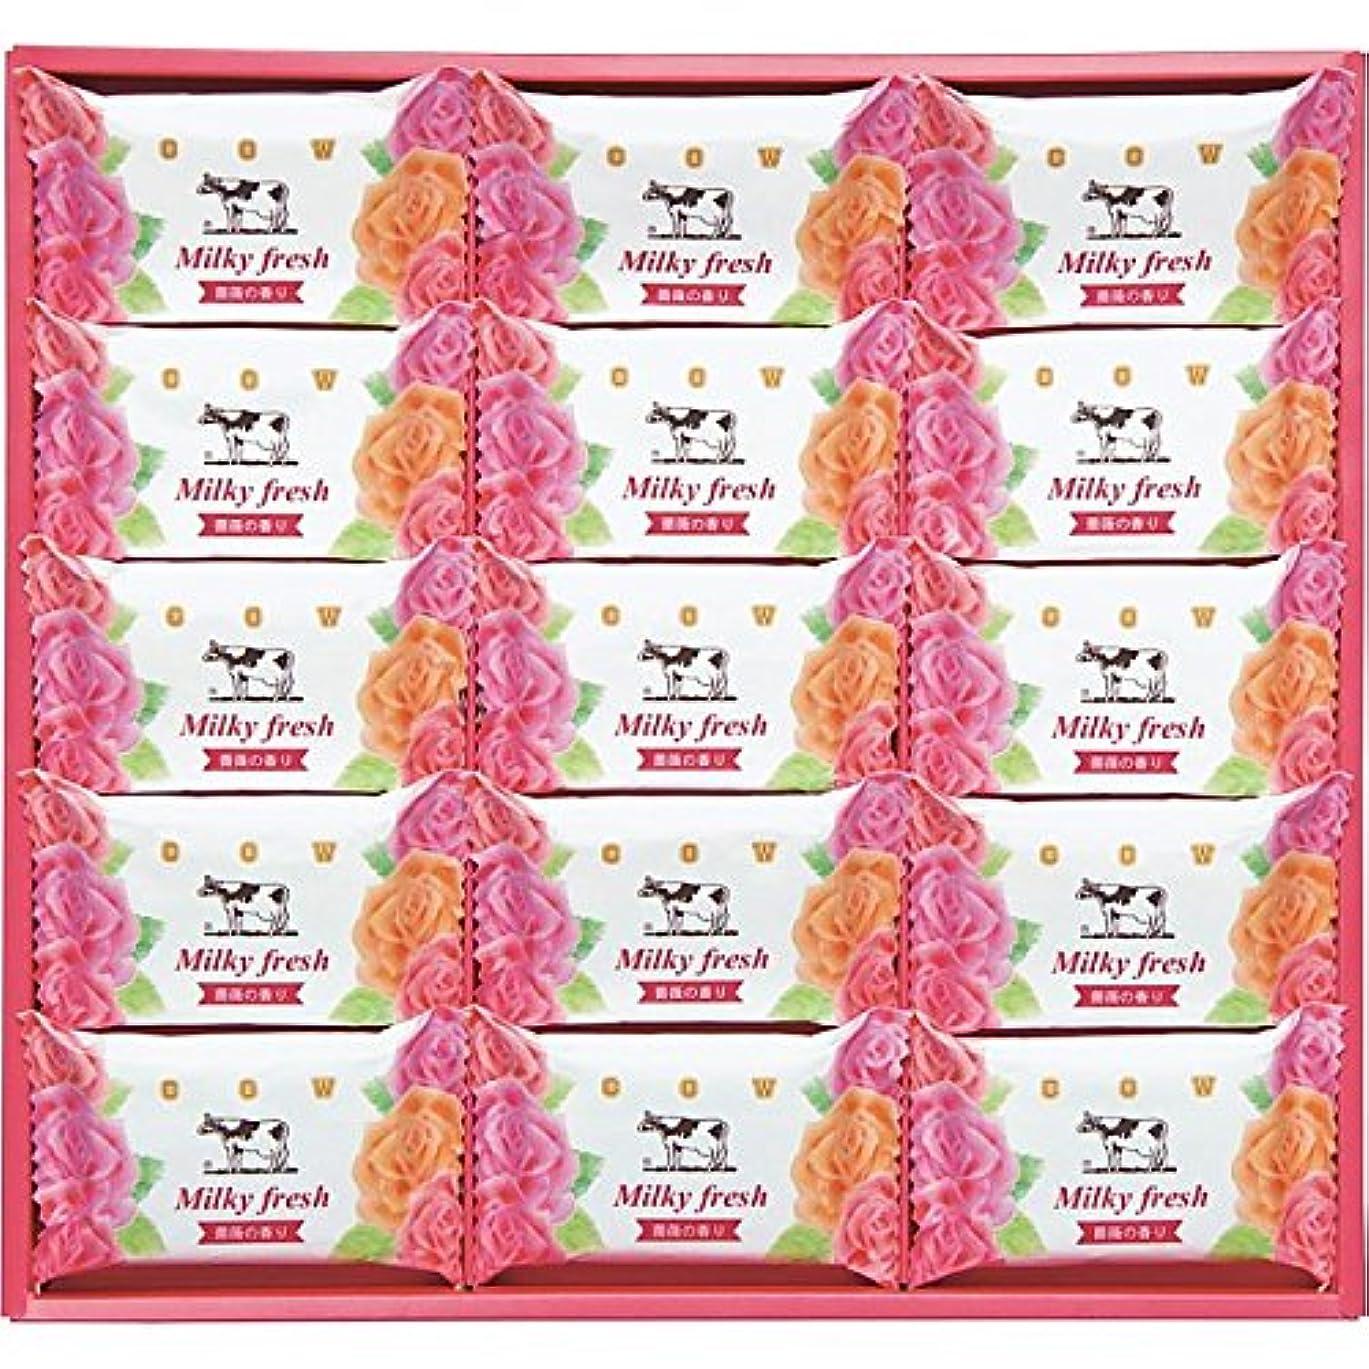 飾り羽光電お気に入り(牛乳石鹸) ミルキィフレッシュセット (835-1058r)